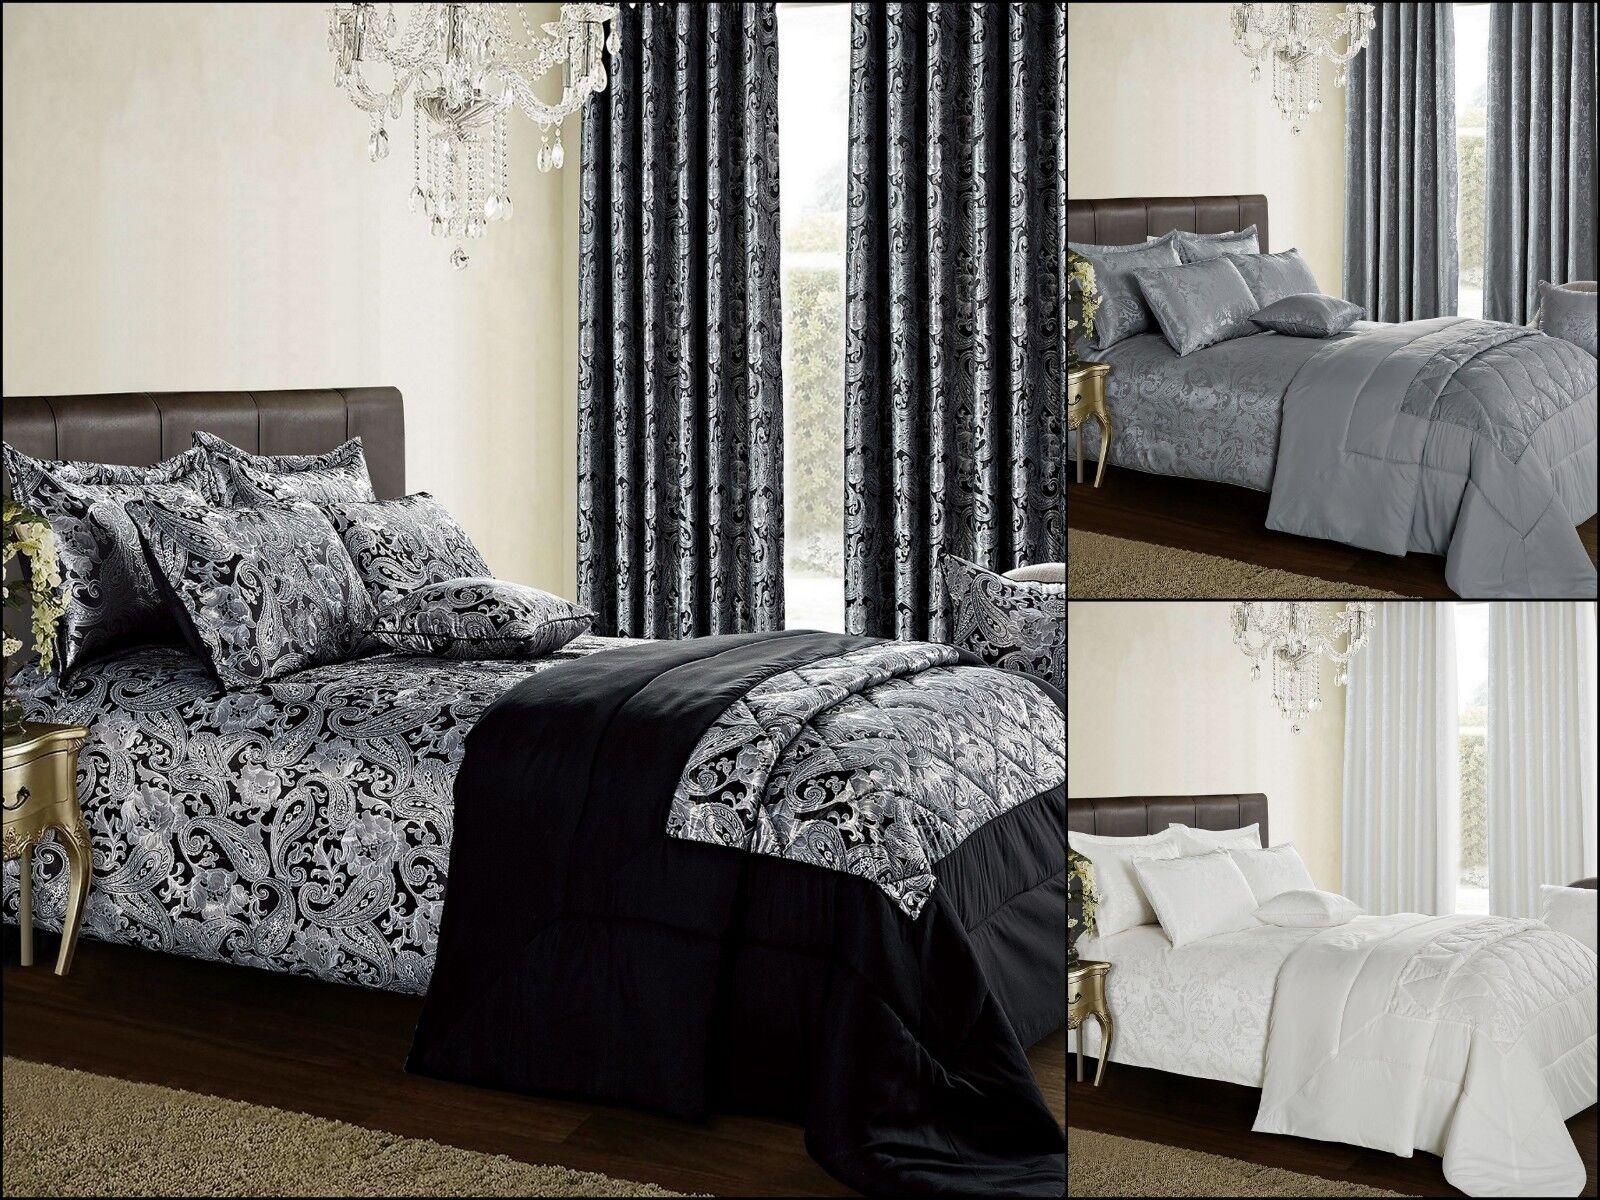 NUOVO design bello Cleo 3Pcs 3Pcs 3Pcs Set di biancheria da letto COPRILETTO a0f505